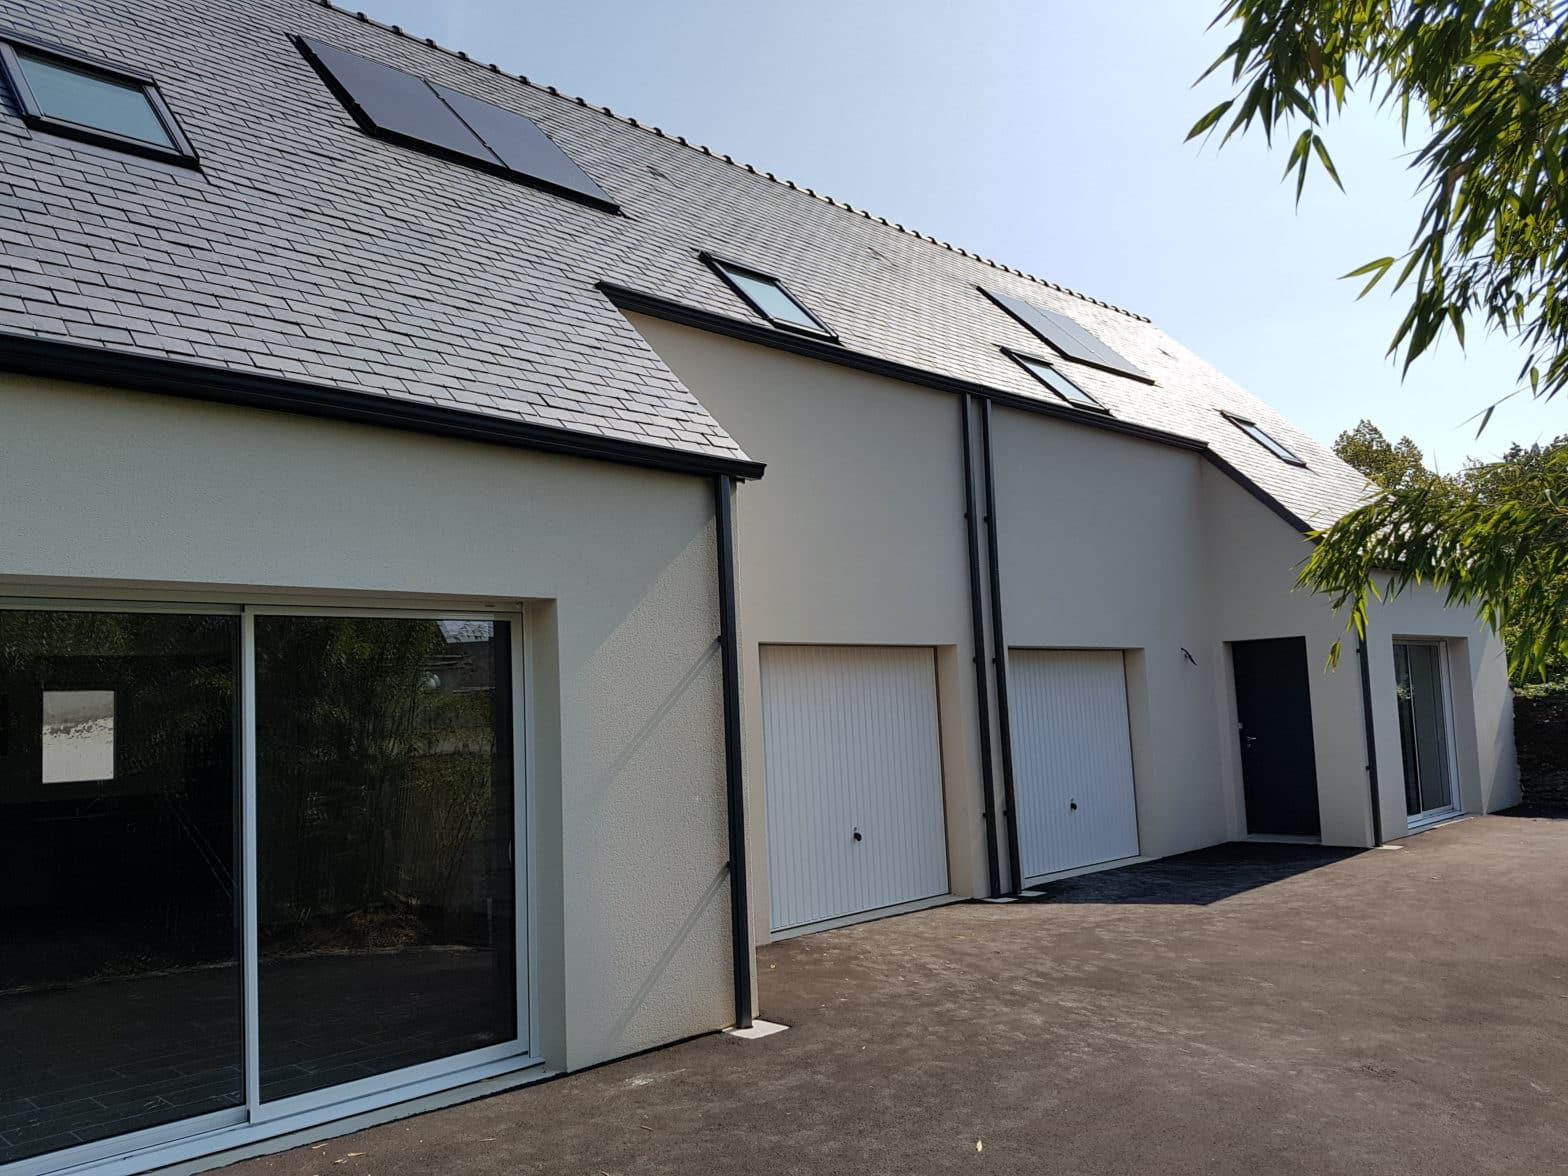 maison etage toiture ardoise maze-millon 49630